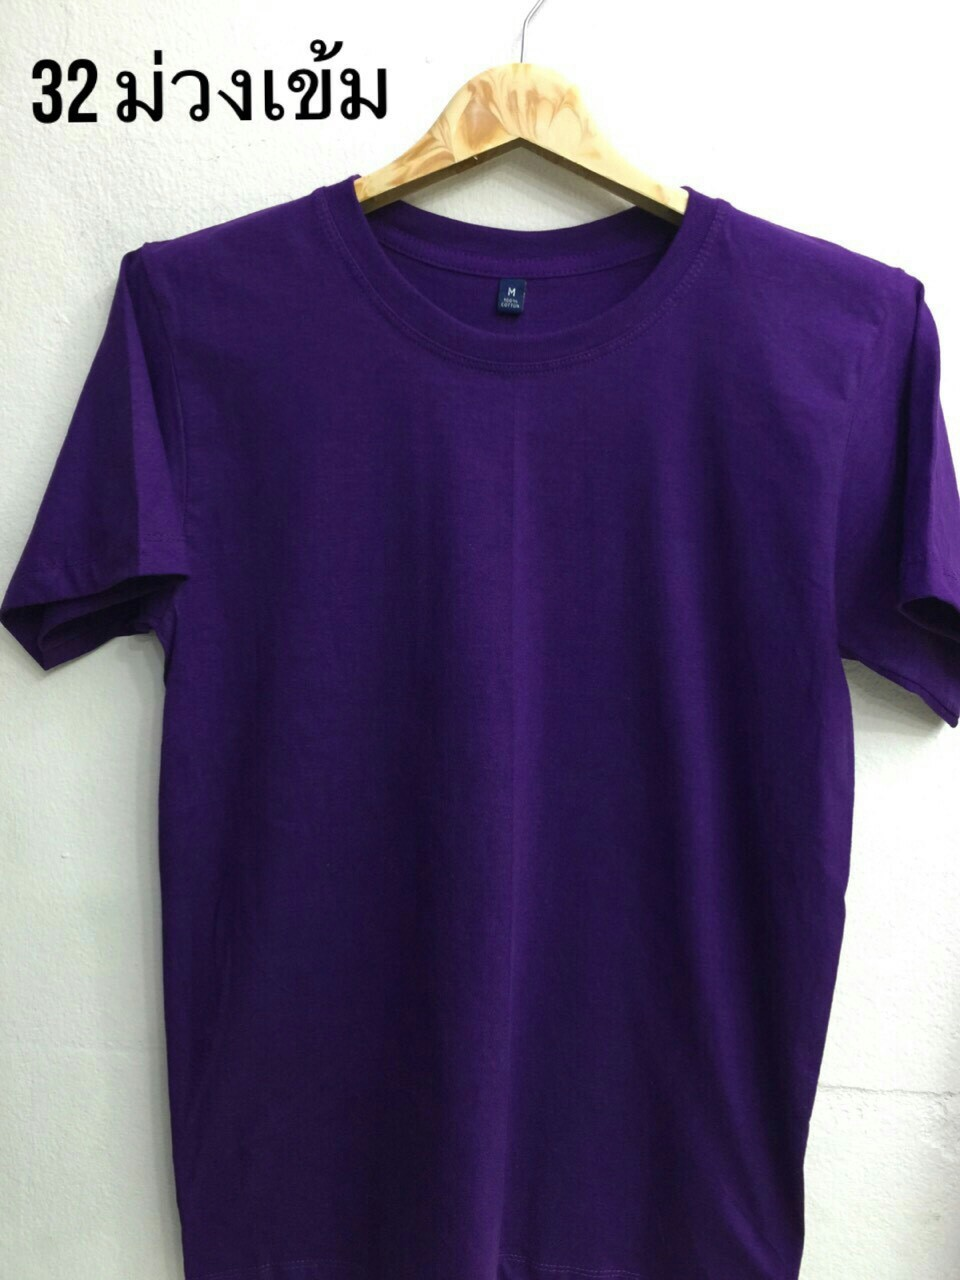 เสื้อ Cotton สีม่วงเข้ม ไซส์ S,M,L